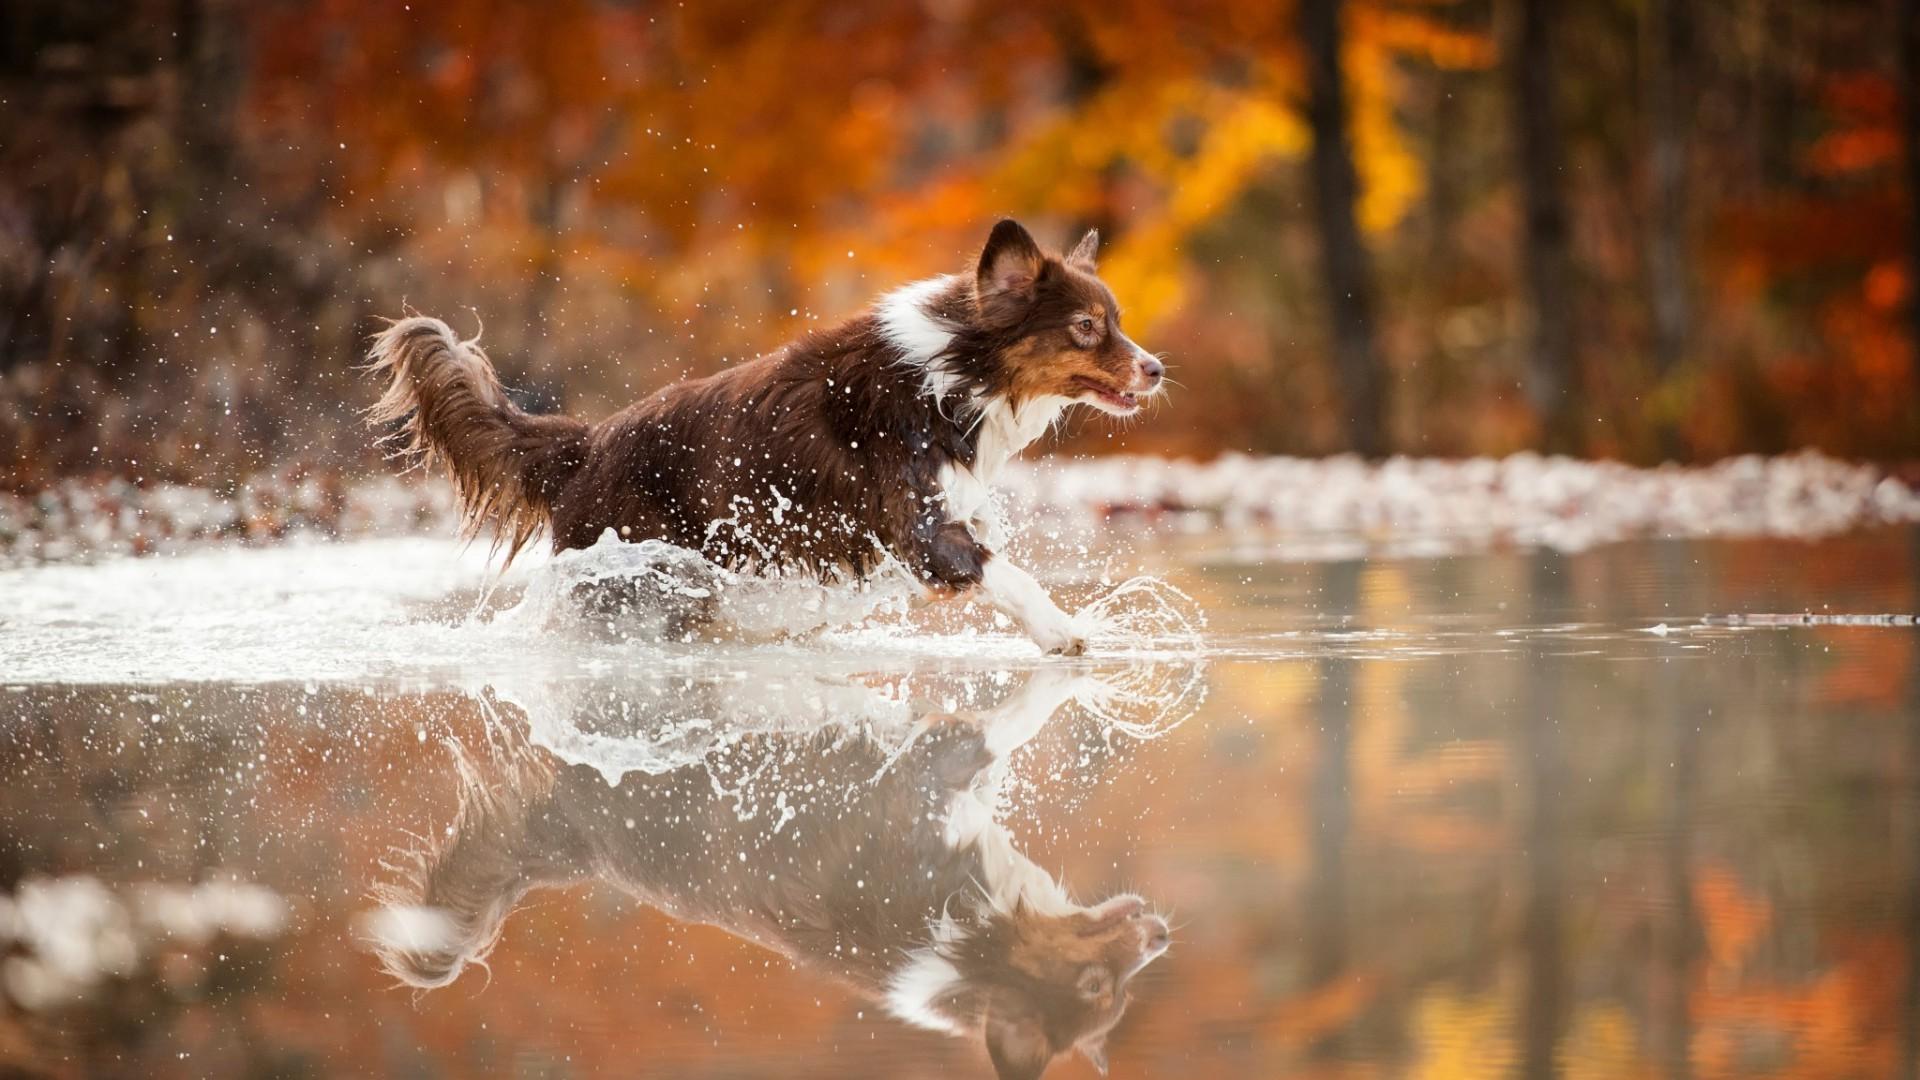 Fond d 39 cran animaux eau hiver chien faune for Fond ecran hiver animaux